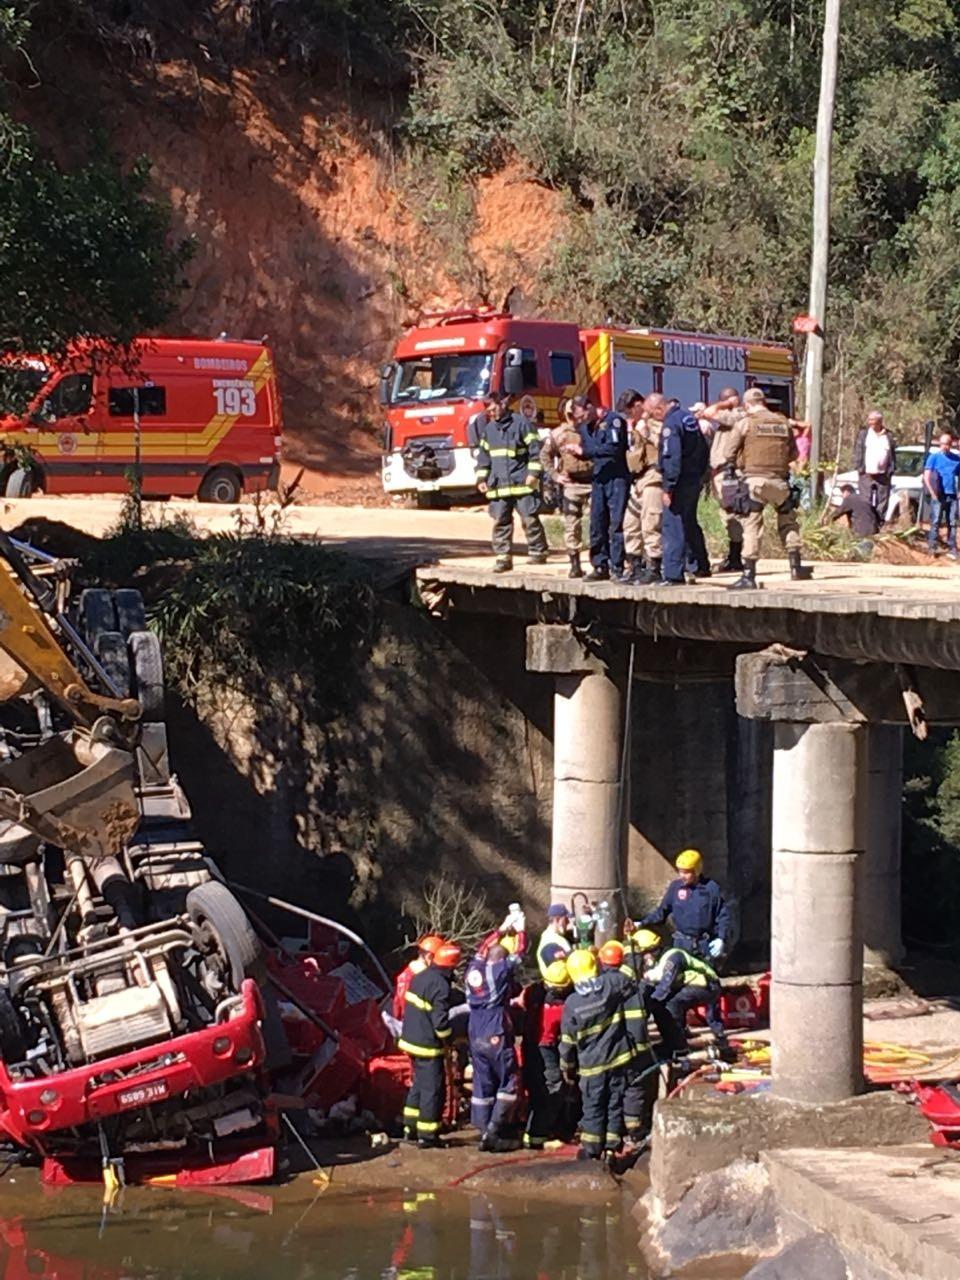 Vídeo: motorista é resgatado após cair com caminhão em ponte